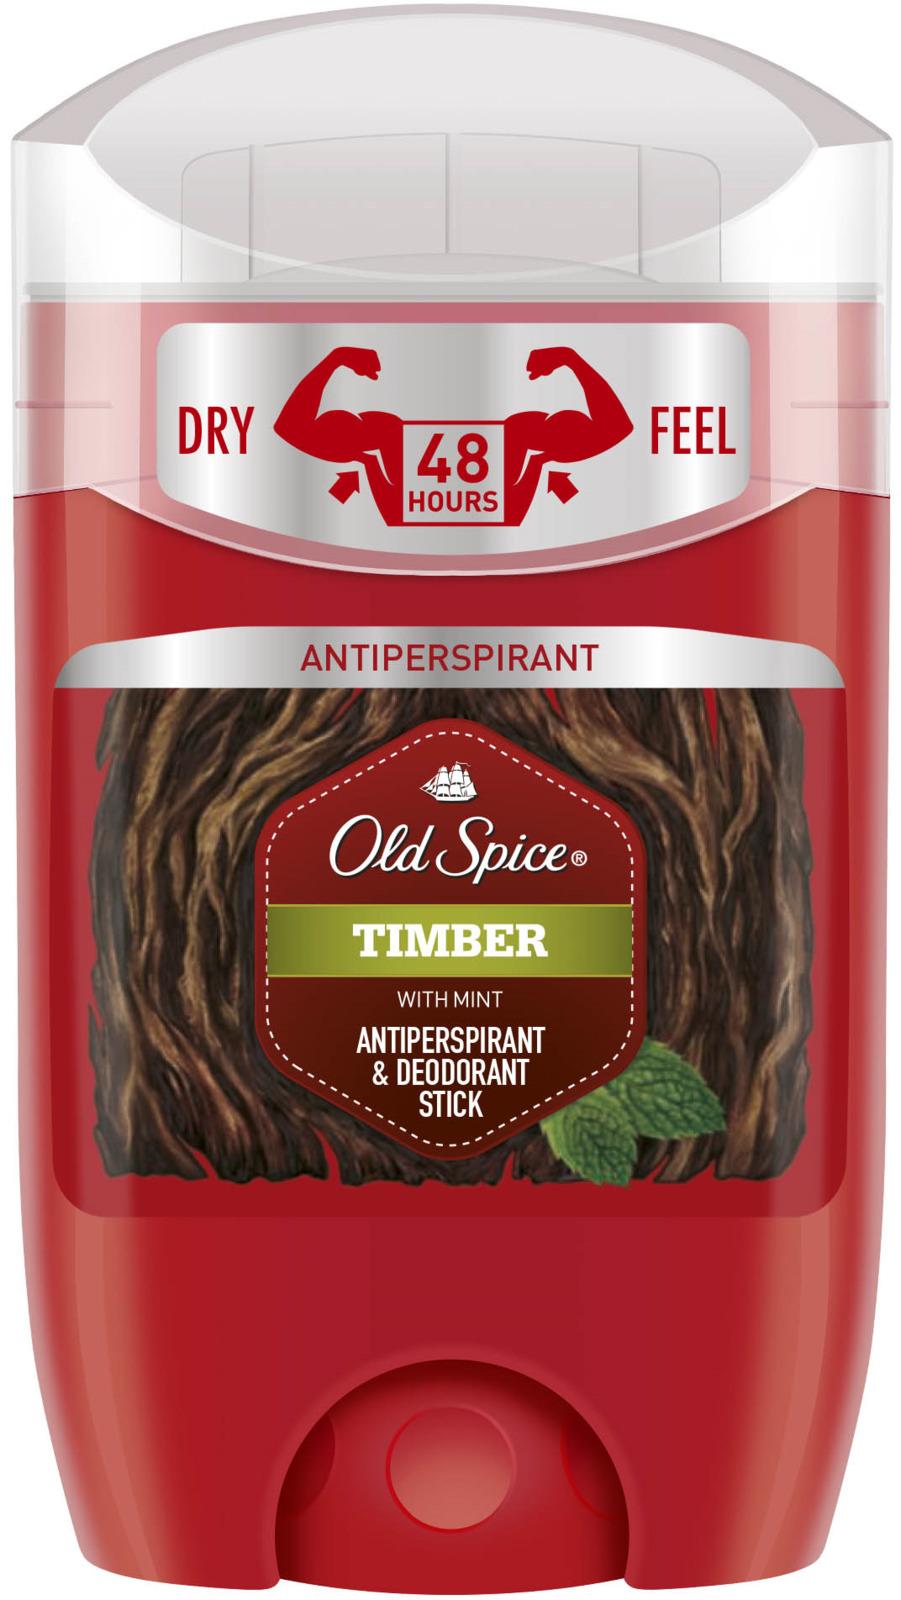 Дезодорант-антиперспирант твердый Old Spice Timber, 50 мл